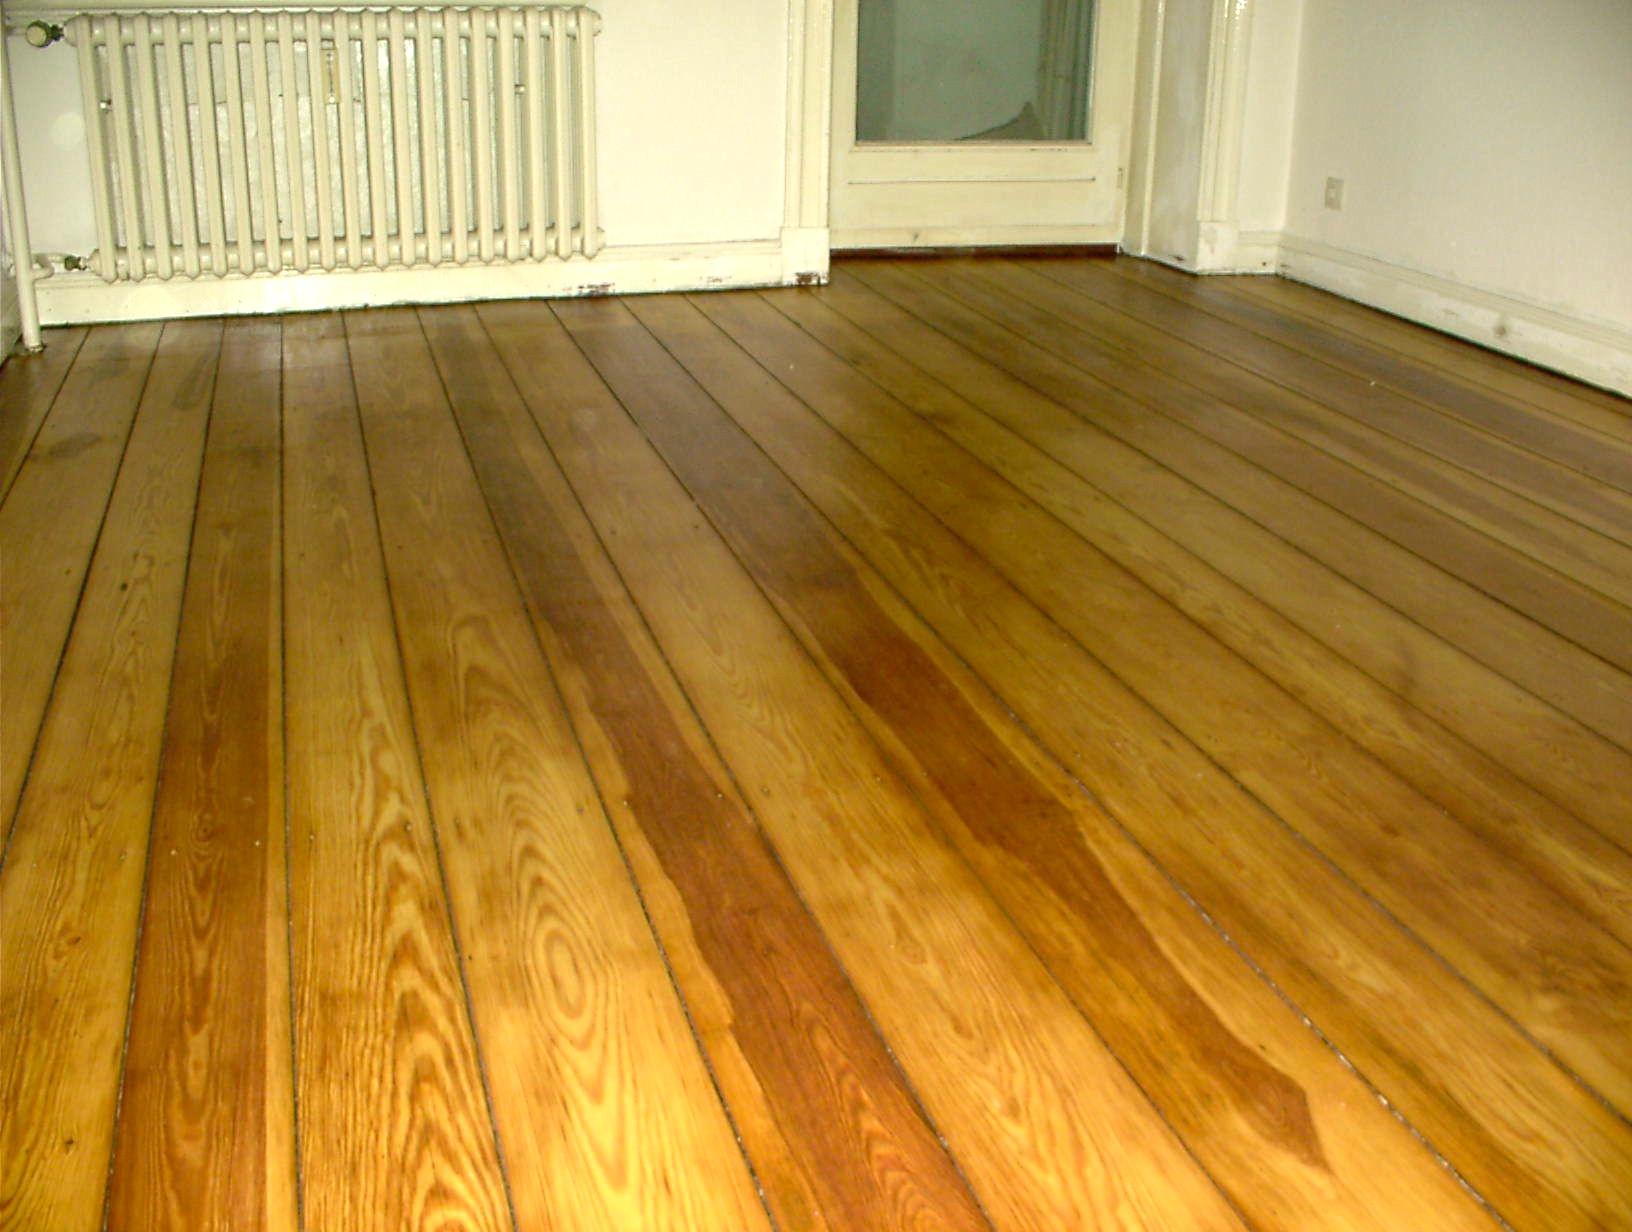 Holzfußboden Abschleifen Kosten ~ Böden abschleifen kosten berlin dielendesign dielen parkett